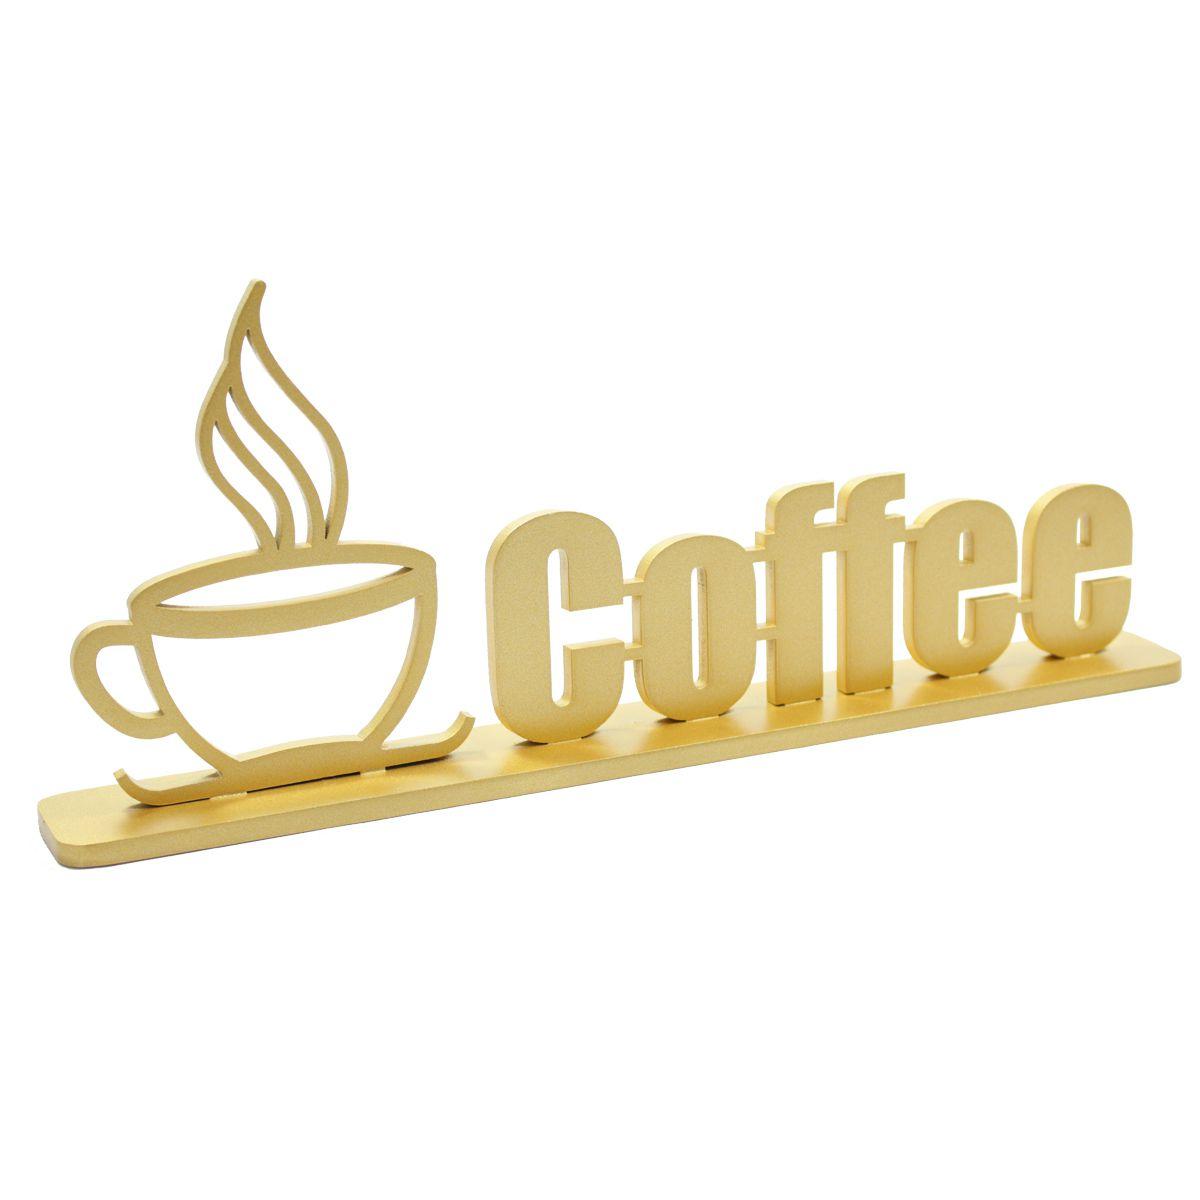 Palavra Decorativa Adorno Coffee em MDF Bancada Escritório